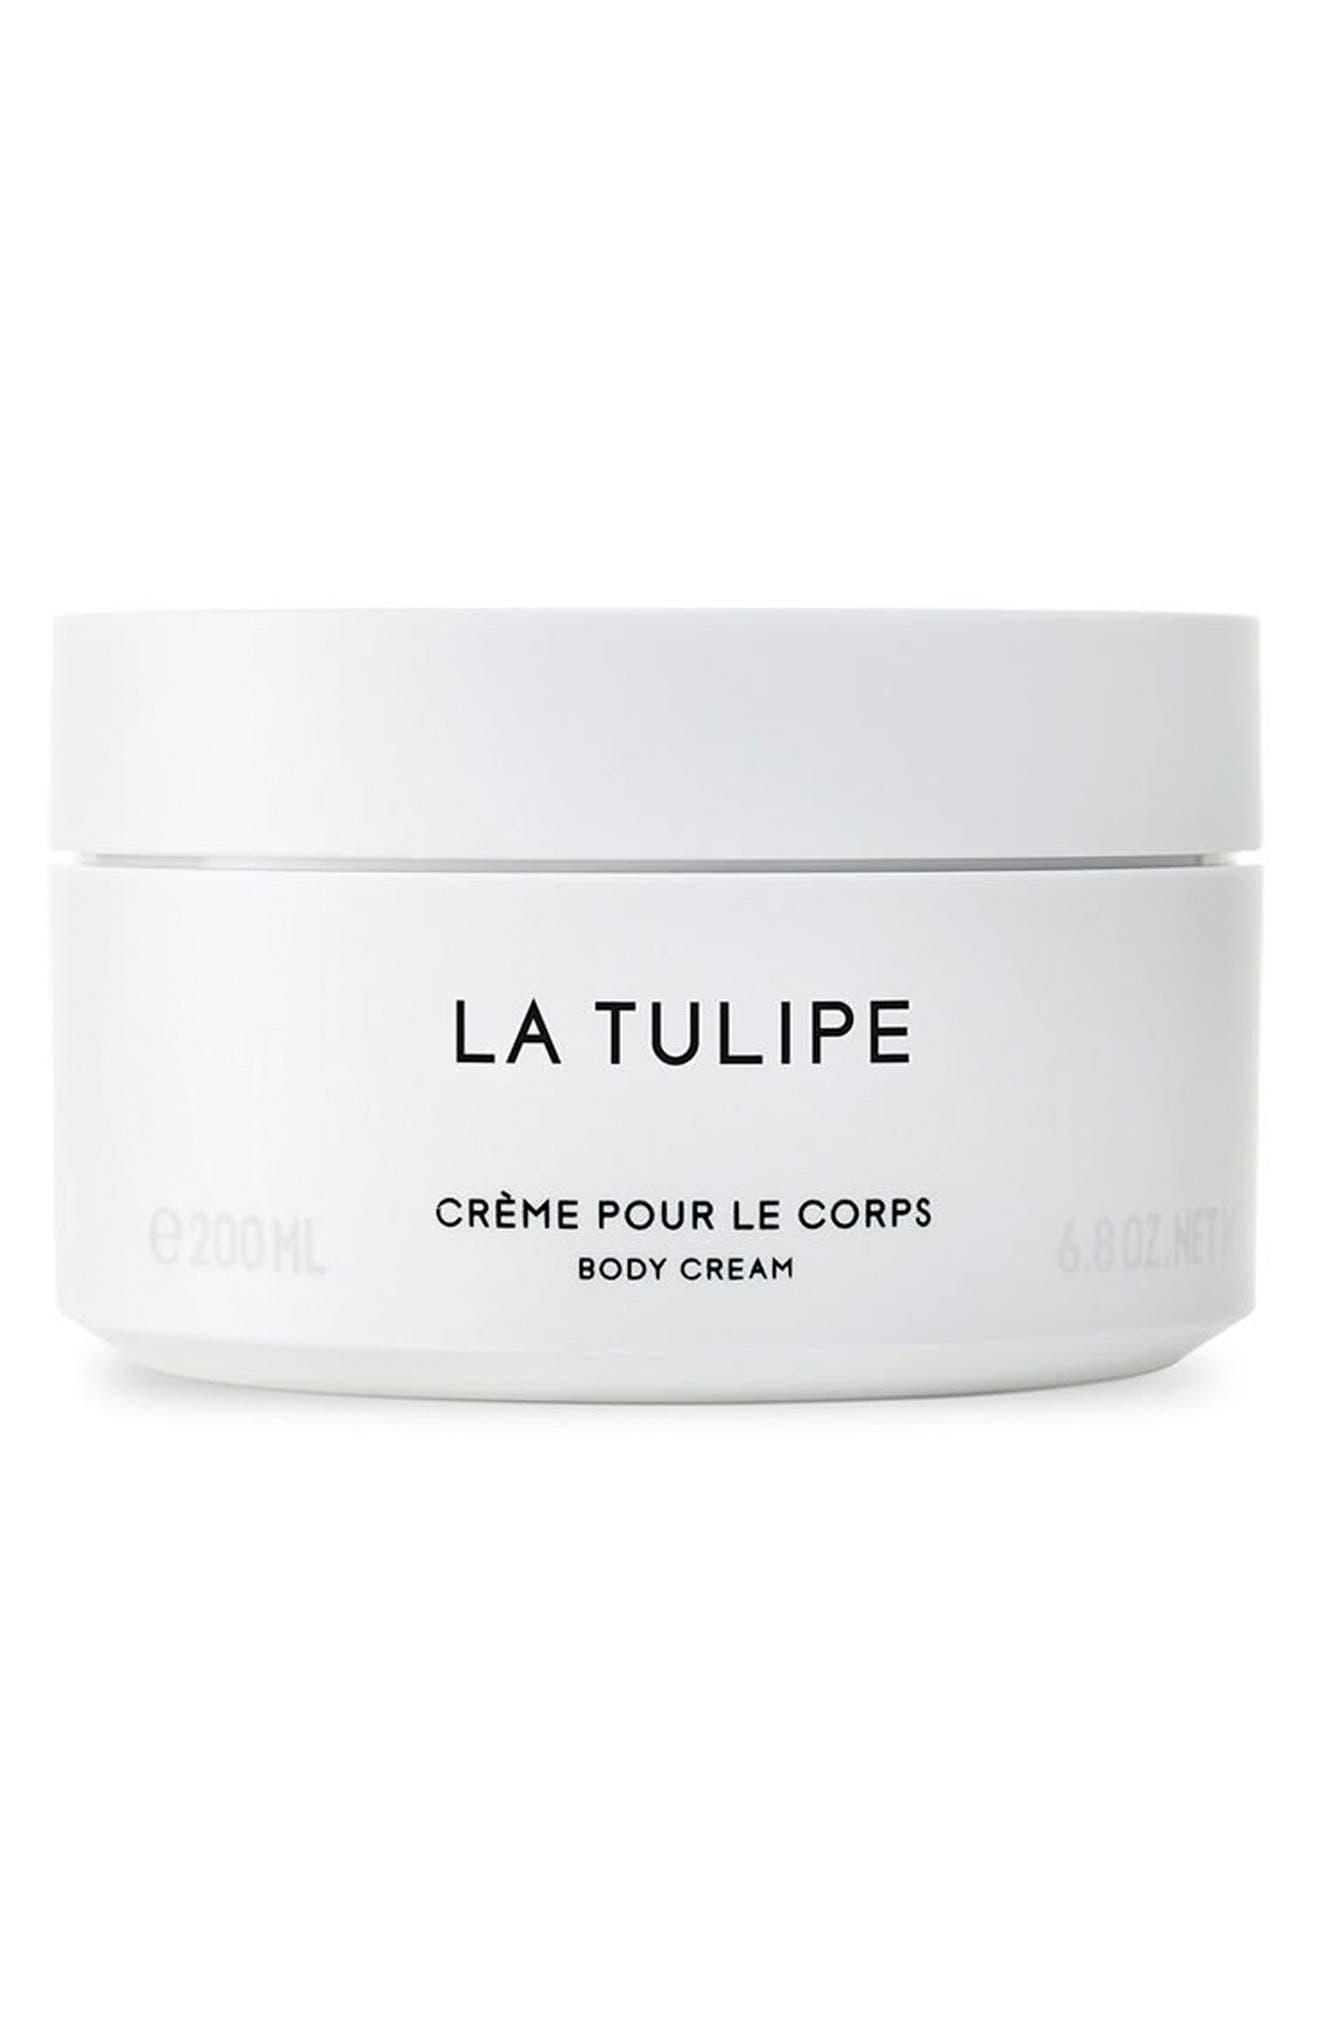 La Tulipe Body Cream,                             Main thumbnail 1, color,                             NO COLOR